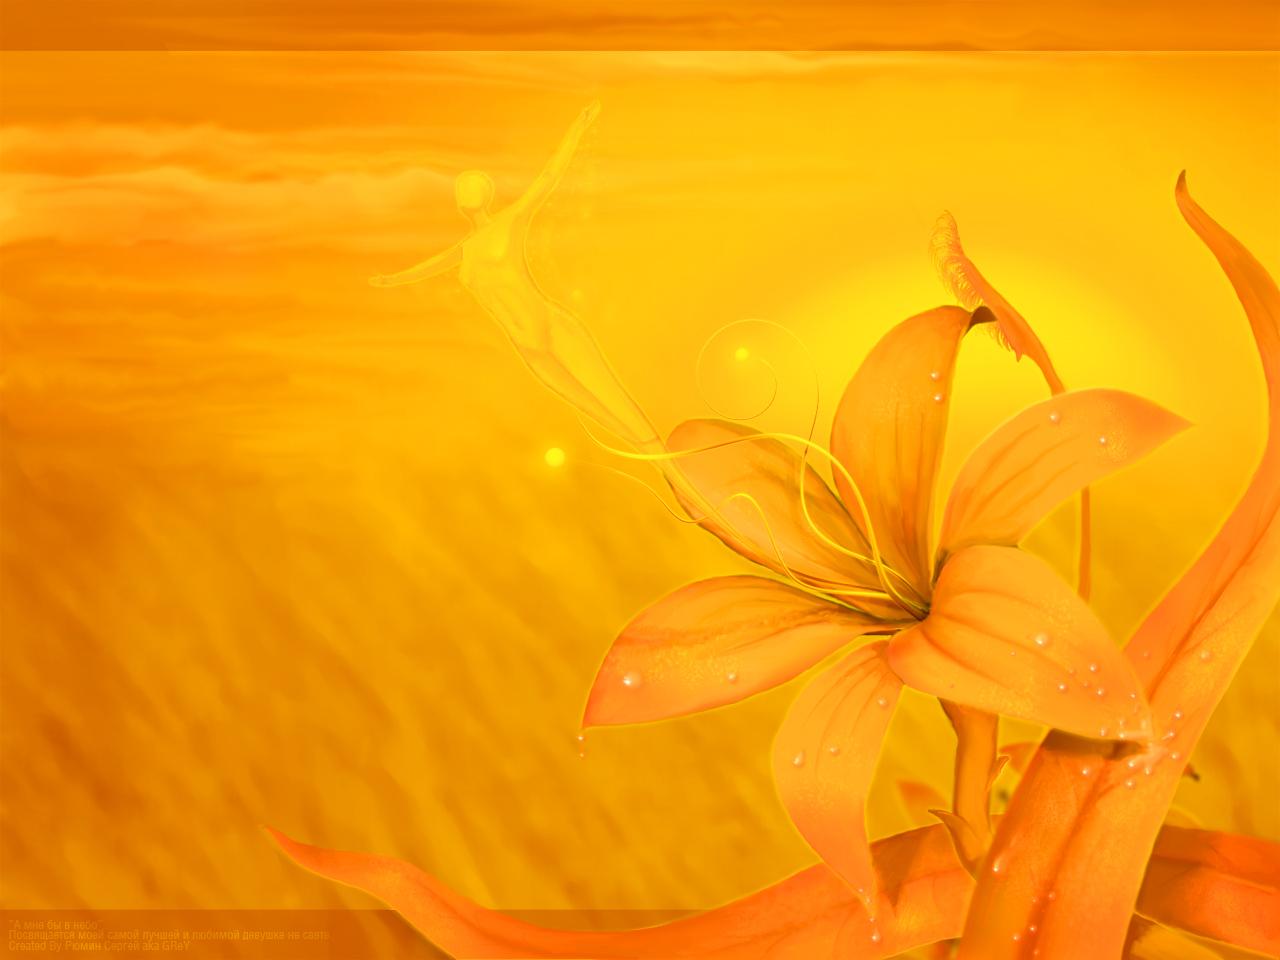 Yellow flower wallpaper 3 widescreen wallpaper hdflowerwallpaper yellow flower wallpaper hd wallpaper mightylinksfo